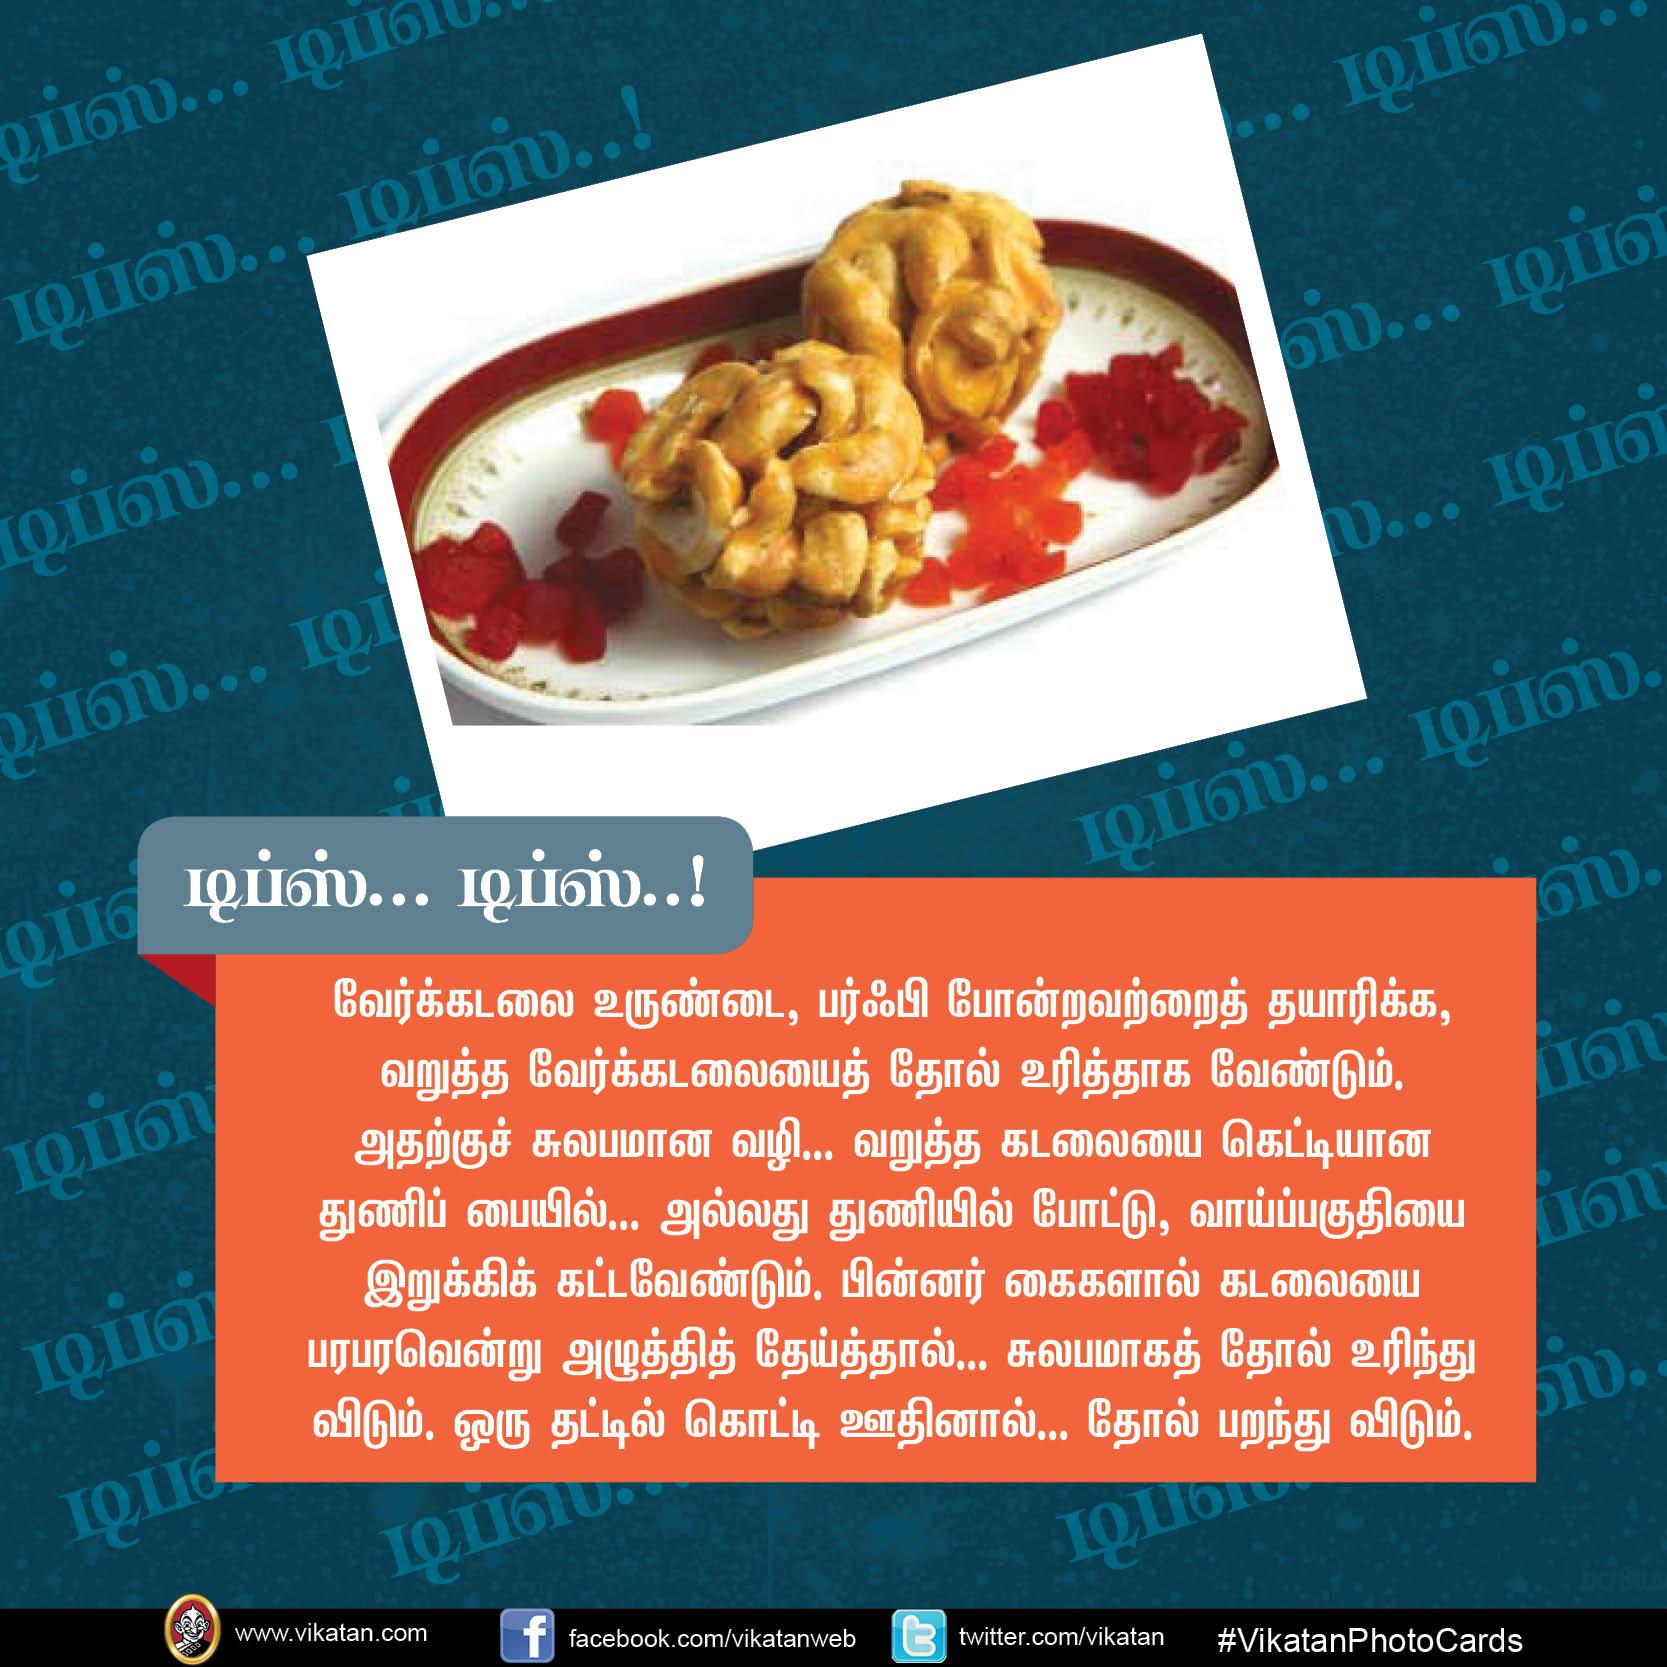 சுலபமாக தக்காளி தொக்கு செய்ய.. வாழை இலை வாடாமல் இருக்க.. டிப்ஸ்..டிப்ஸ்..! #VikatanPhotoCards